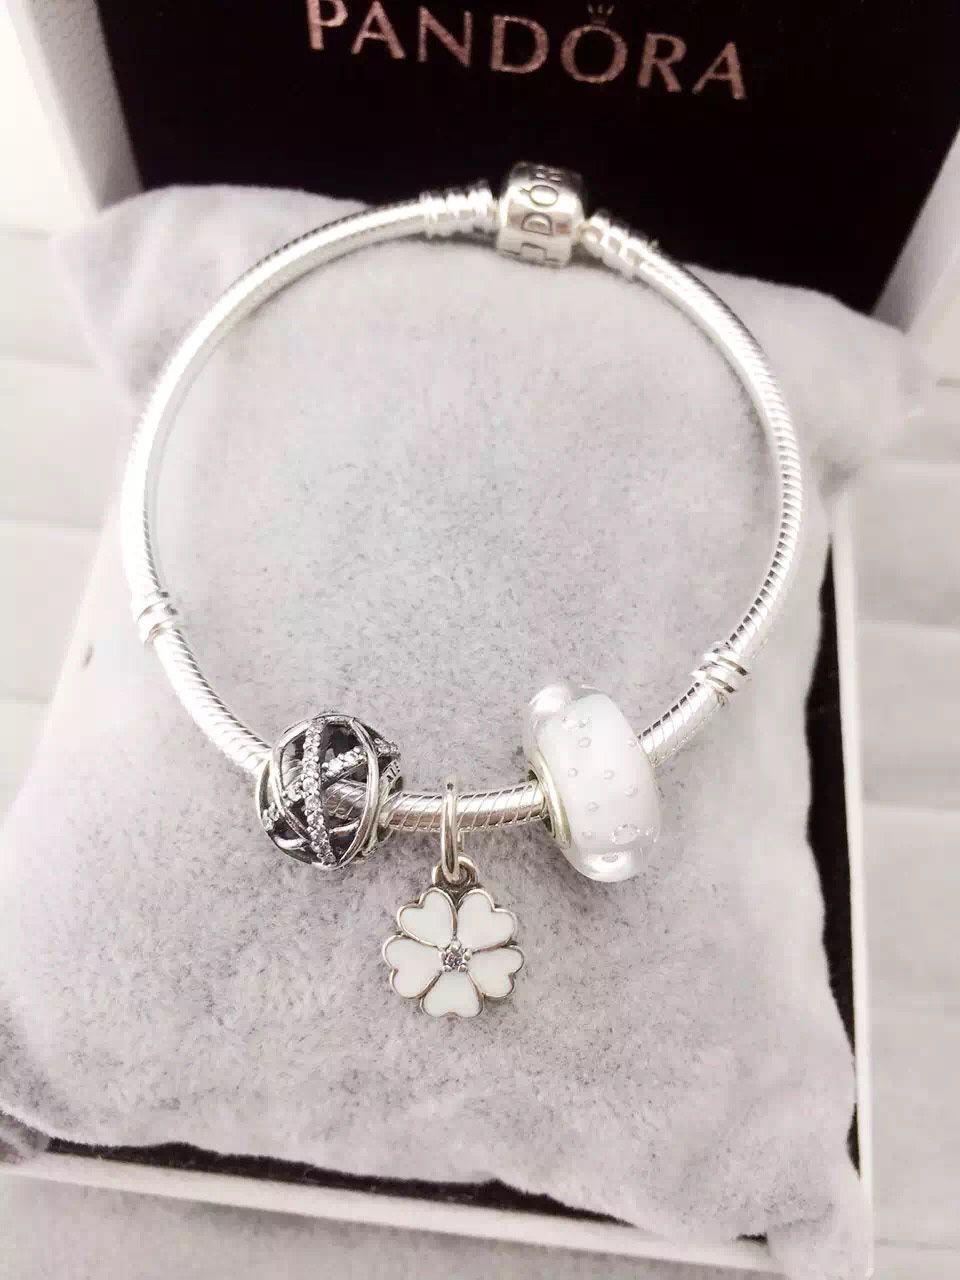 off pandora charm bracelet hot sale sku cb